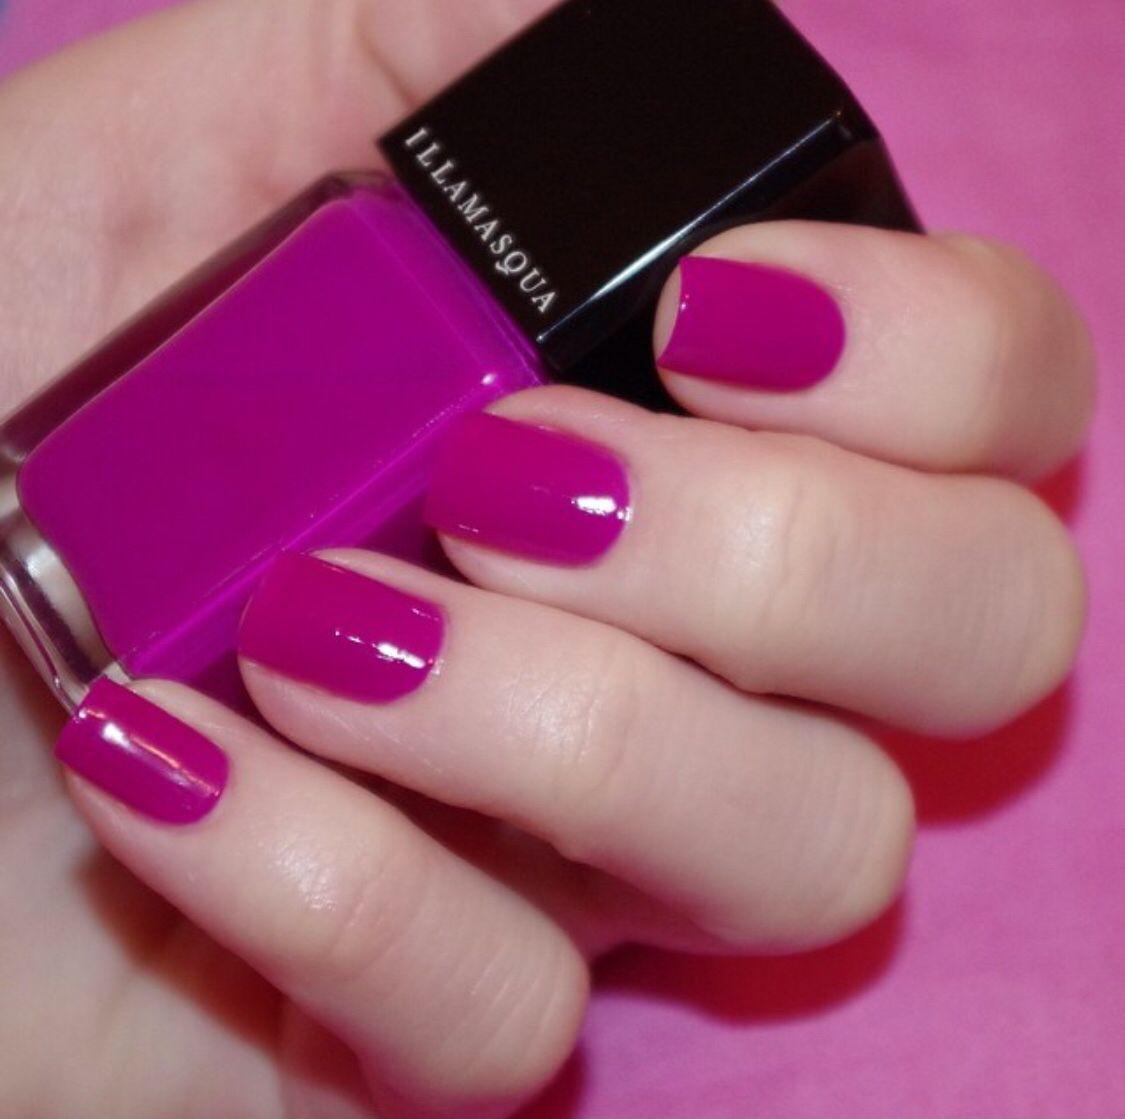 Pin by Mai on Nail polish | Nail polish, Dior nail polish